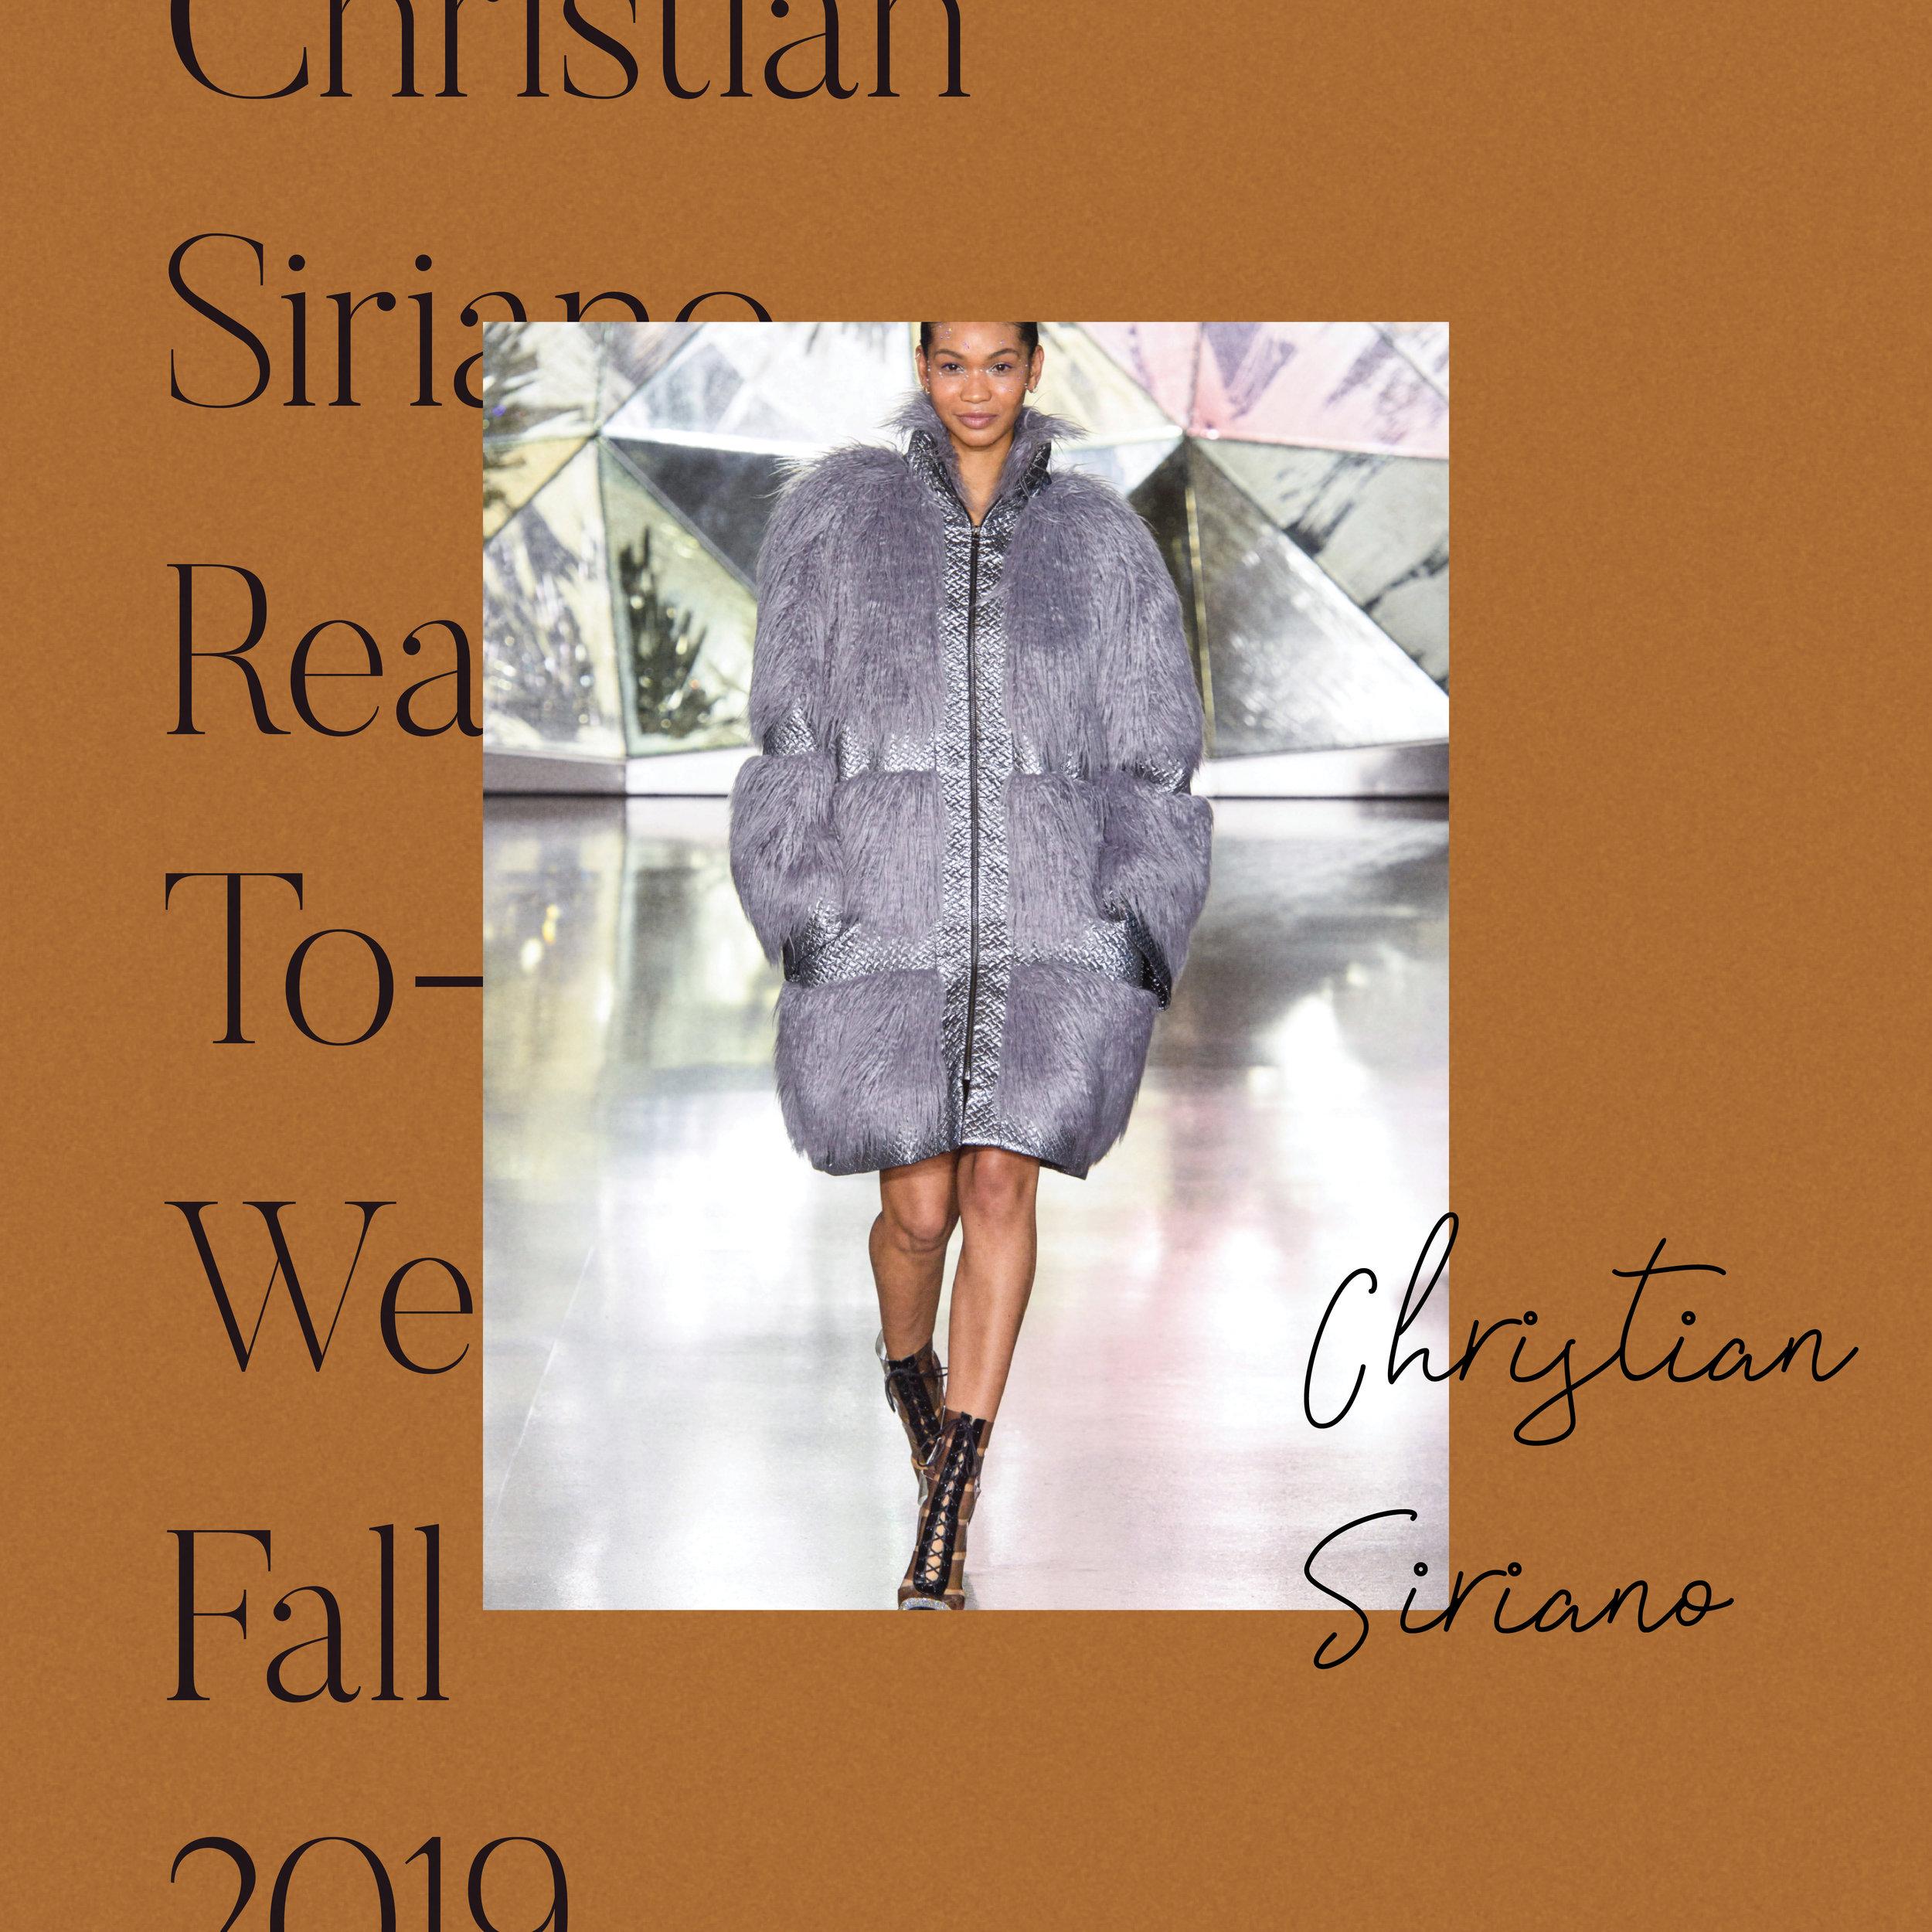 ChristianSiriano.jpg